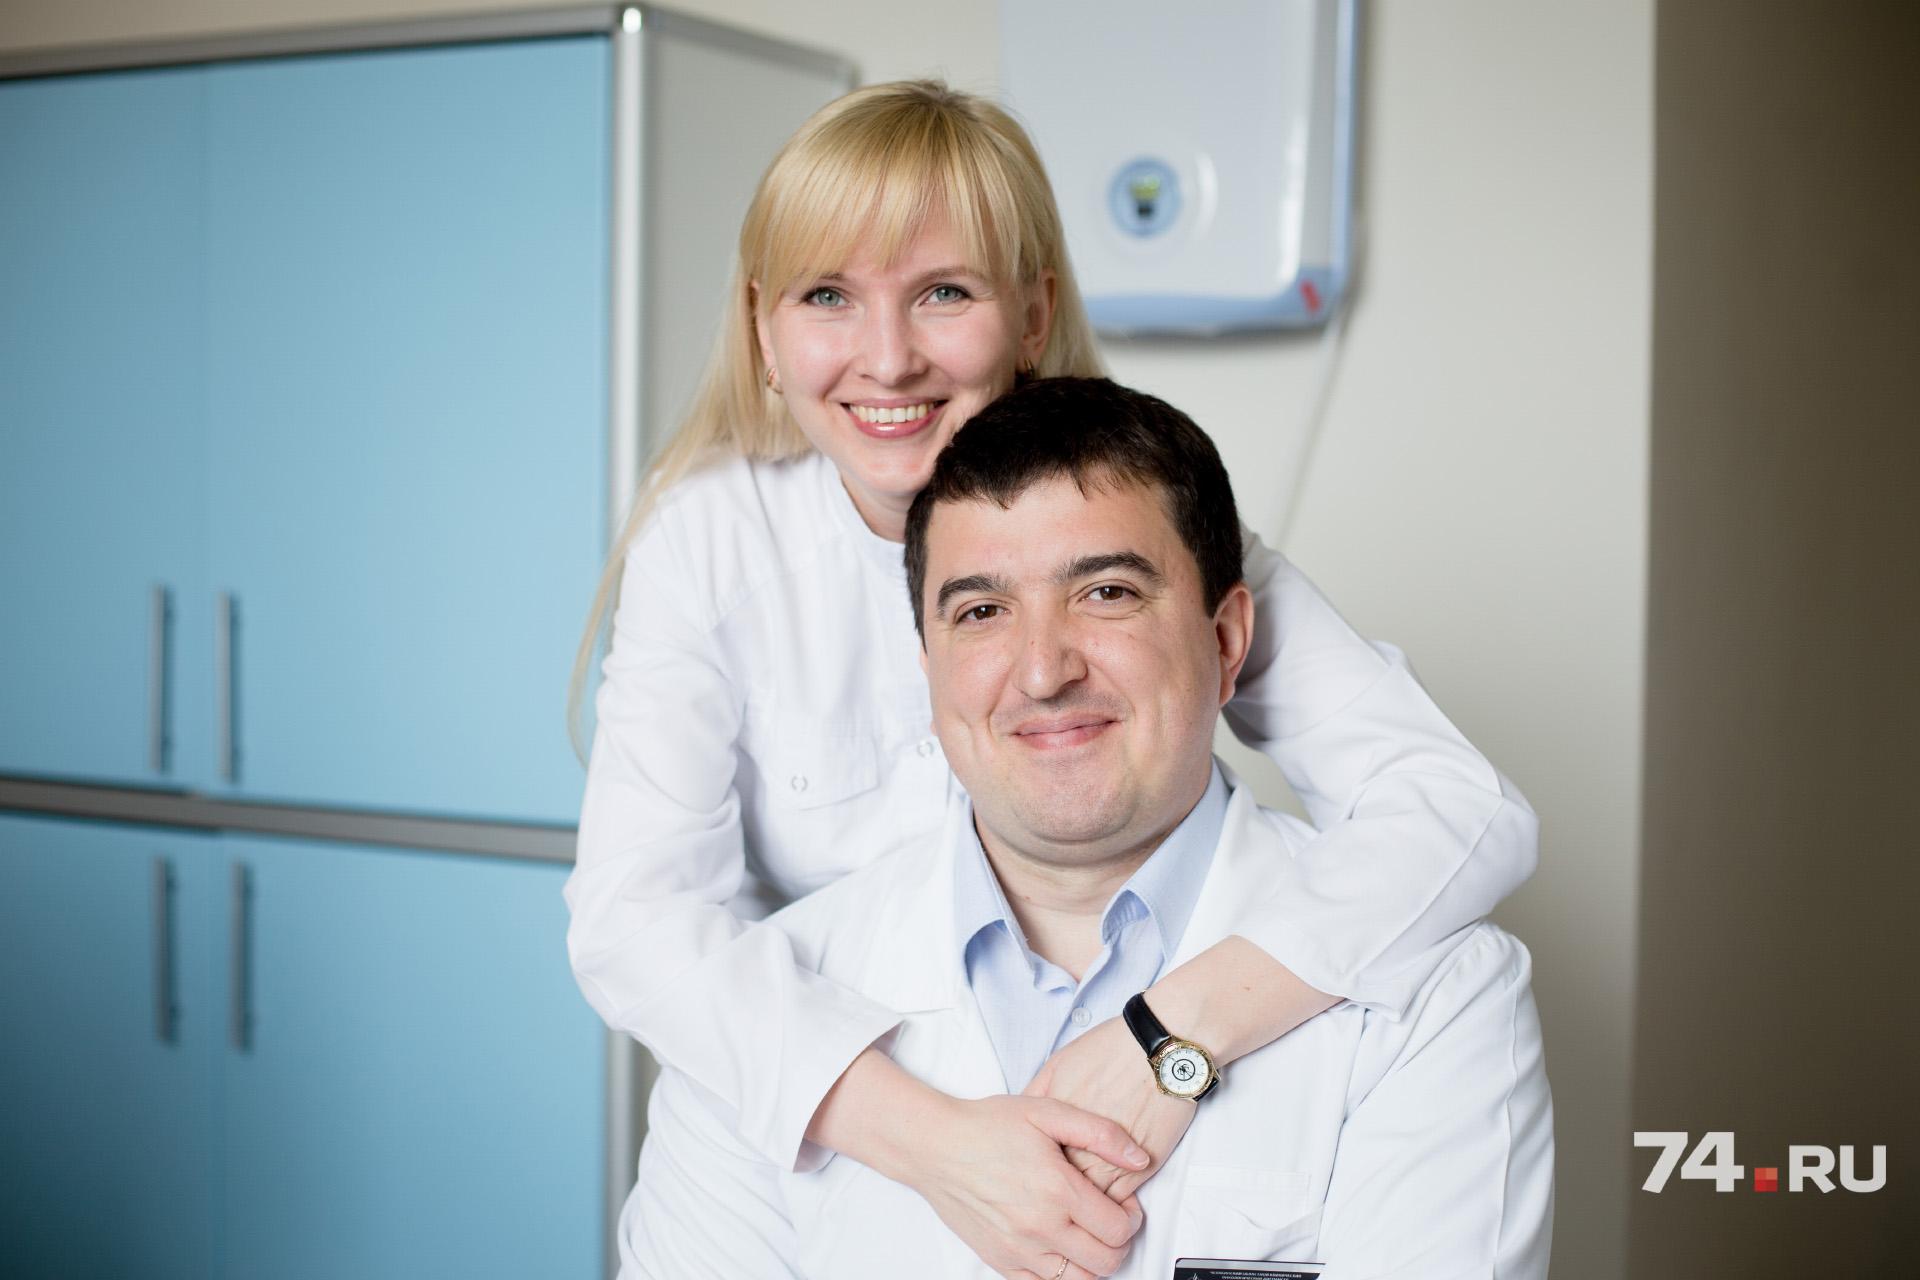 Мария спокойна, когда муж экстренно срывается на работу, ведь она тоже врач